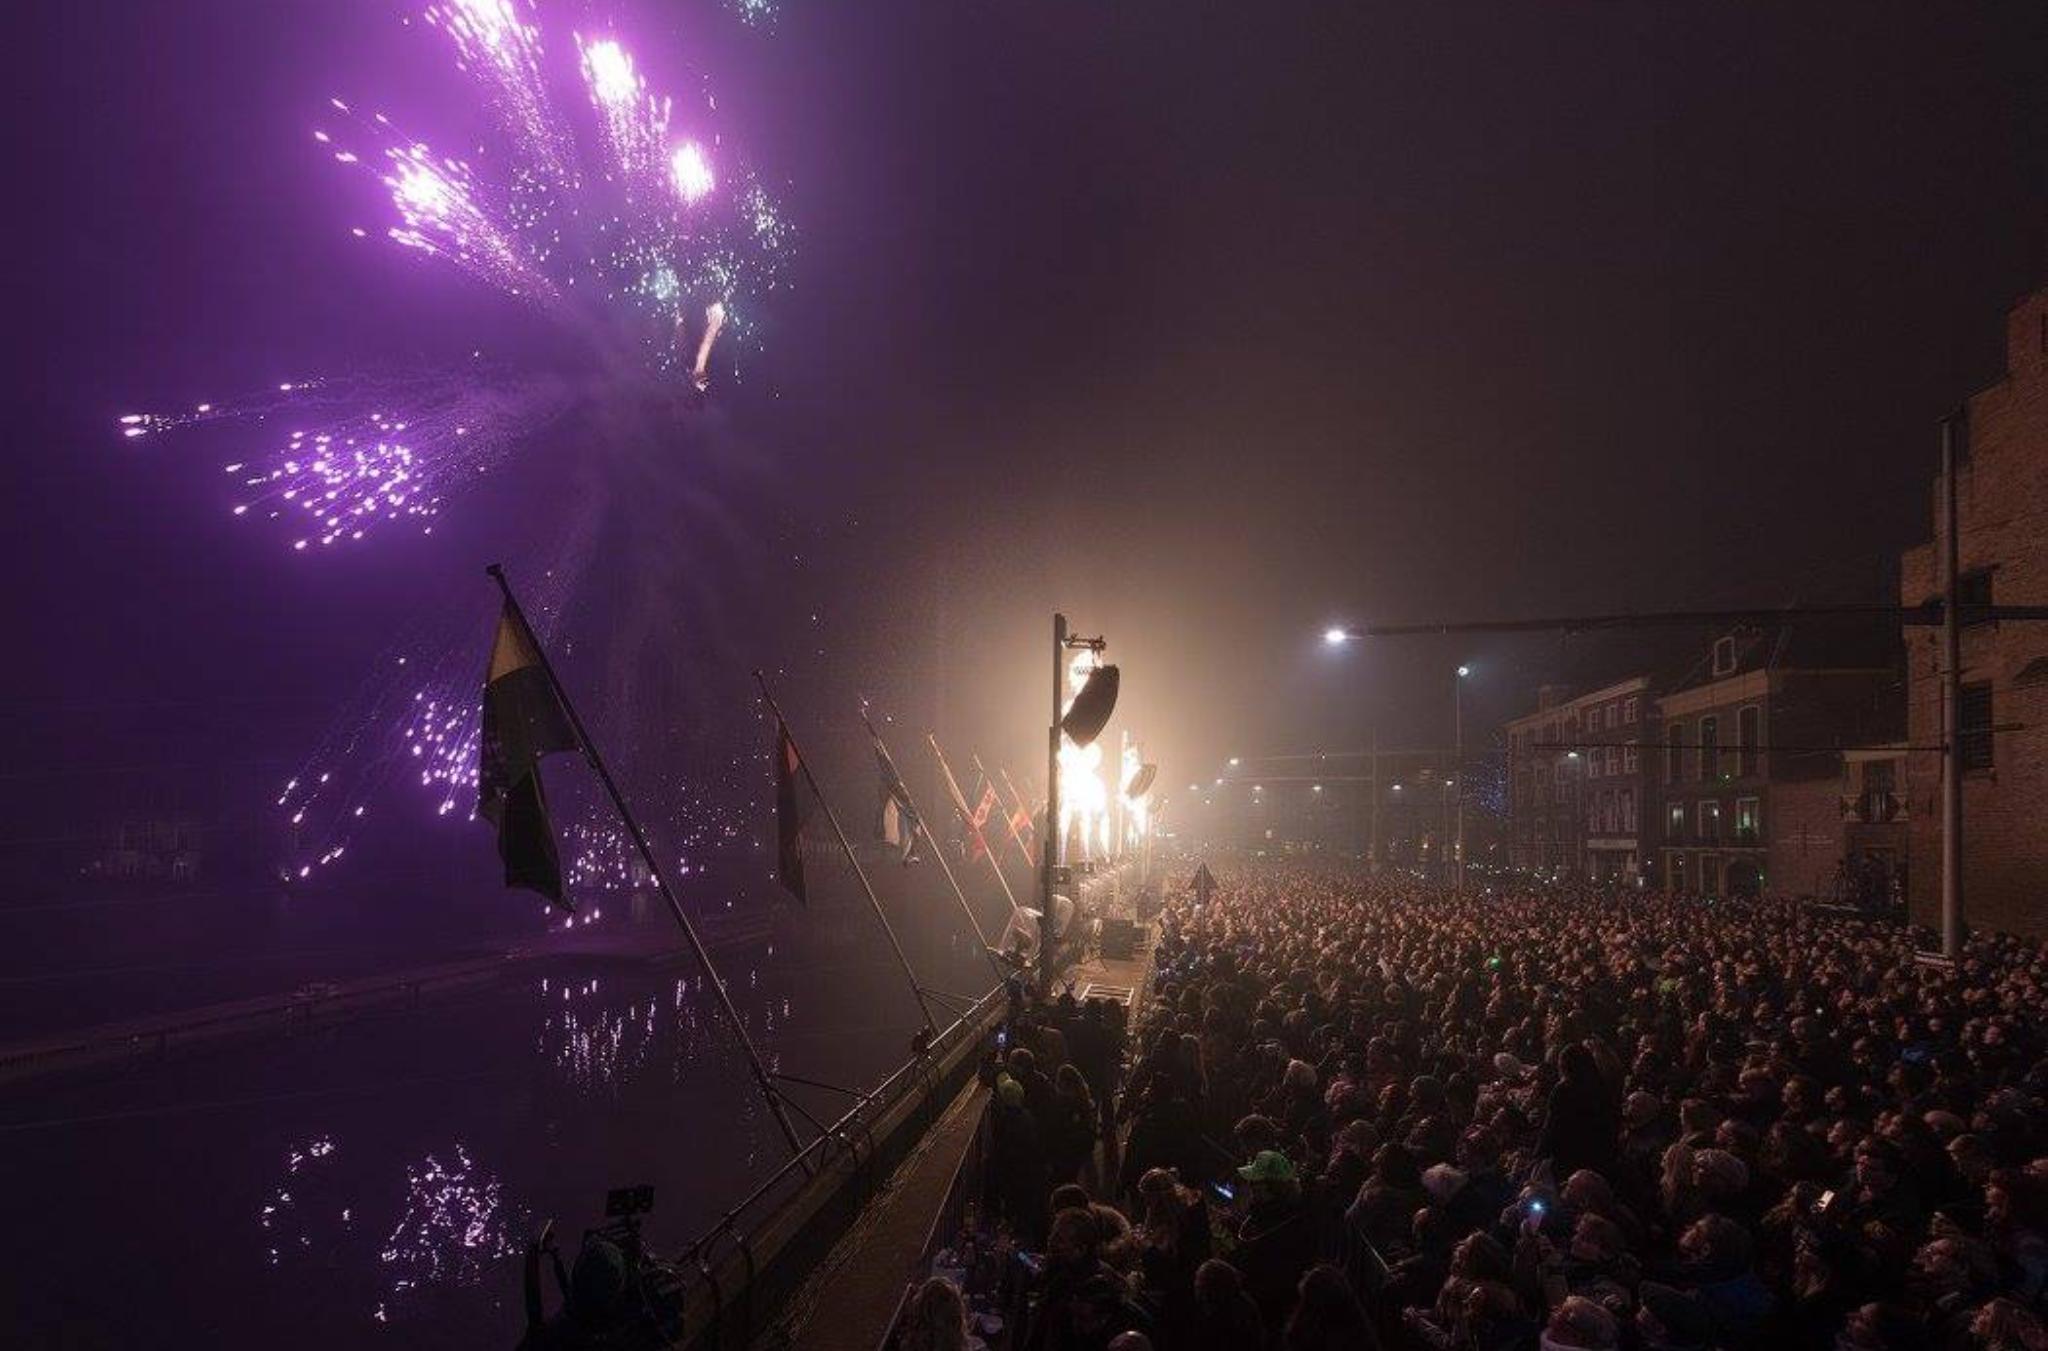 Vuurwerkshow Oud & Nieuw 2016-2017, Den Haag